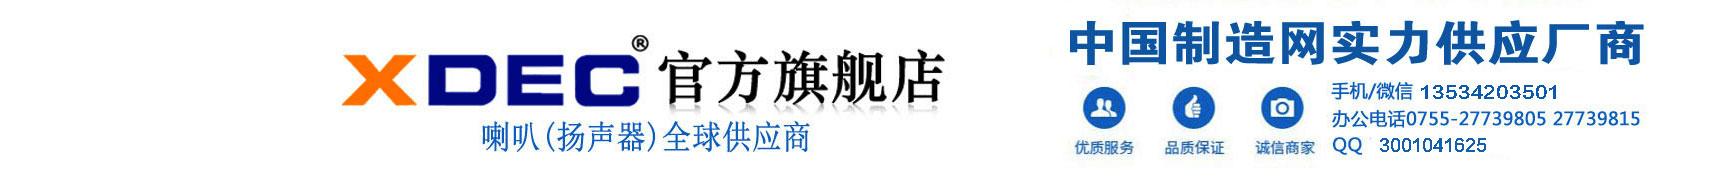 深圳市軒達電子有限公司